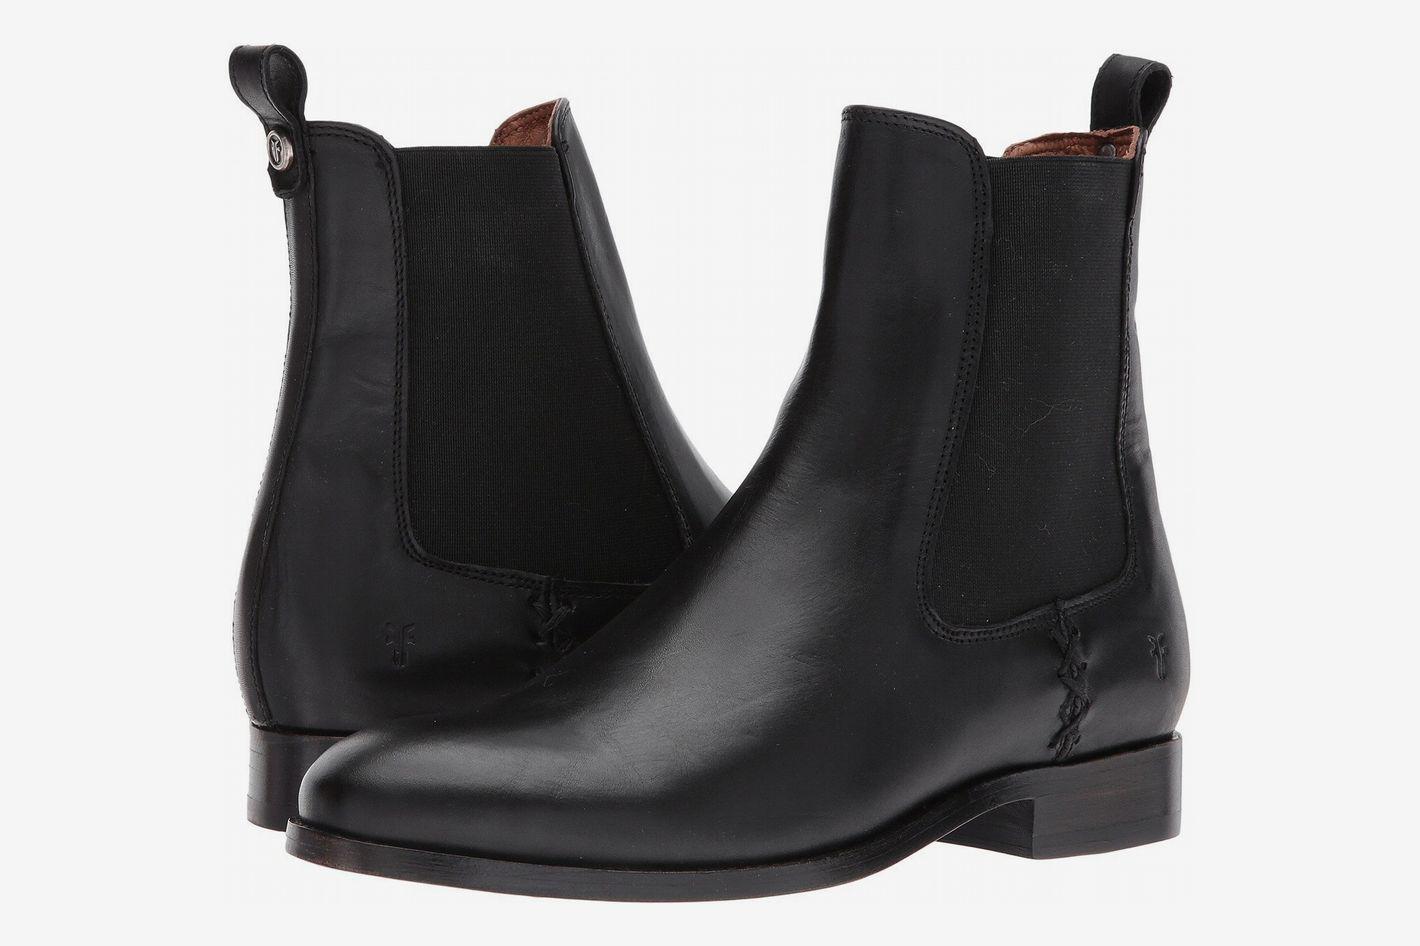 635782e34d2 31 Best Chelsea Boots 2018